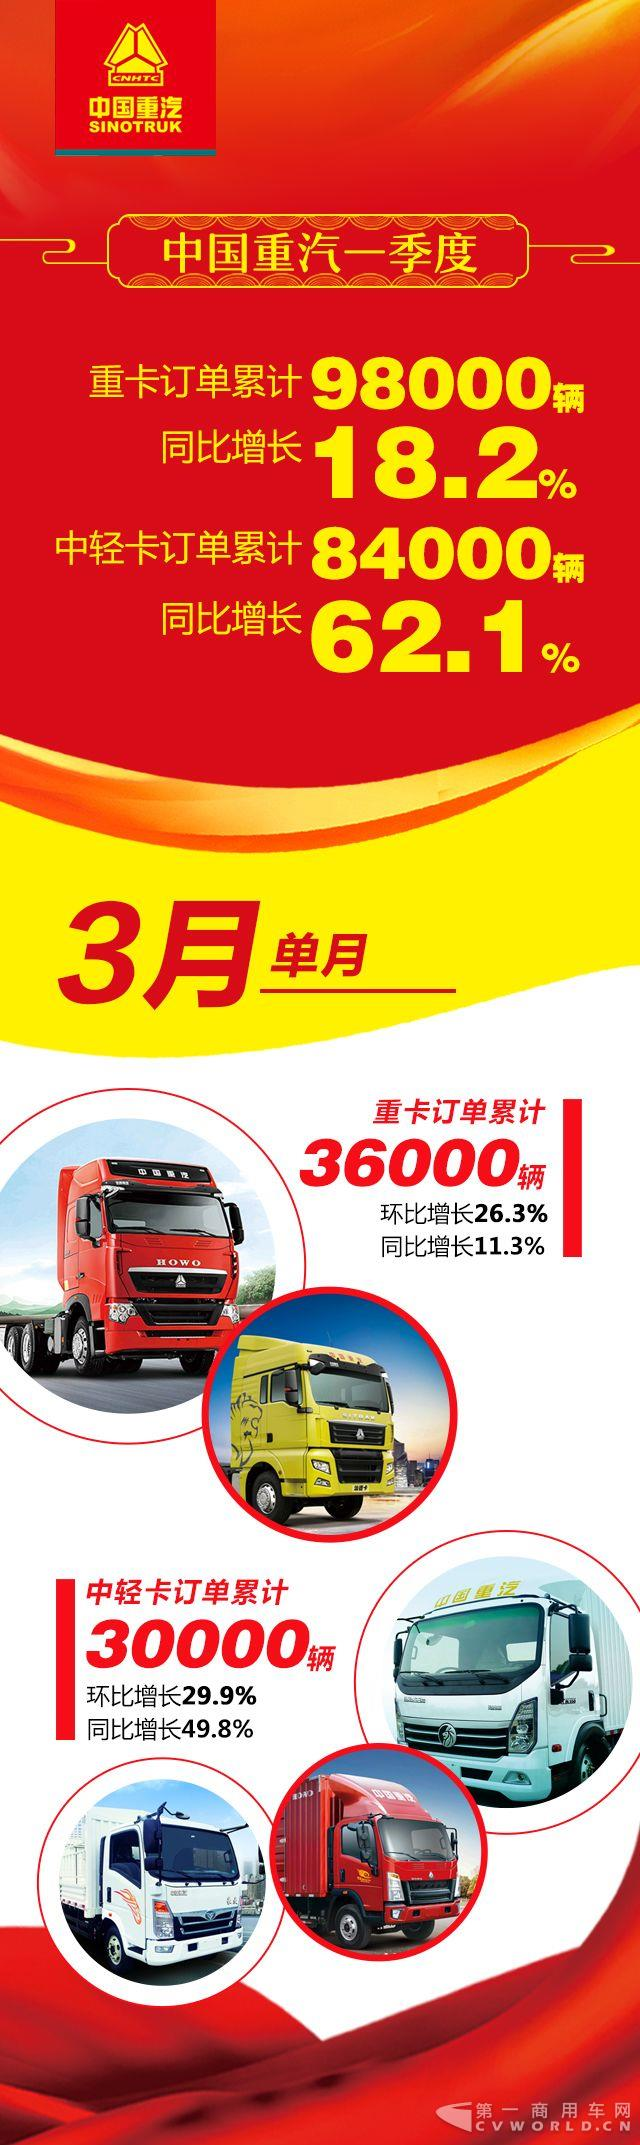 2018年中国重汽销售延续高增长.jpg